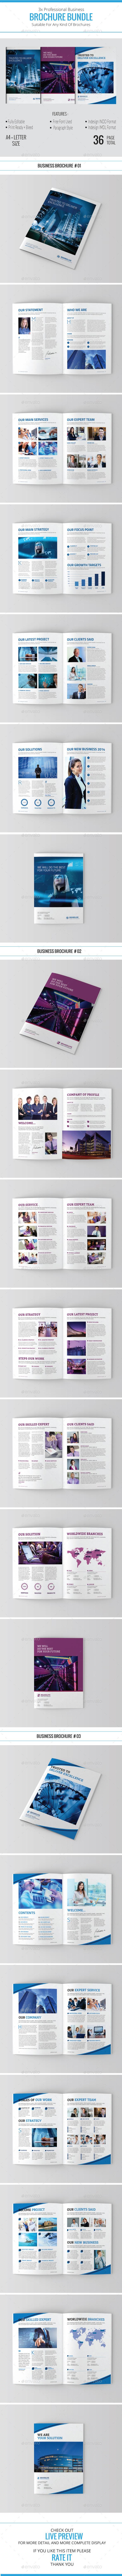 Business Brochure Bundle Vol. 05 - Corporate Brochures